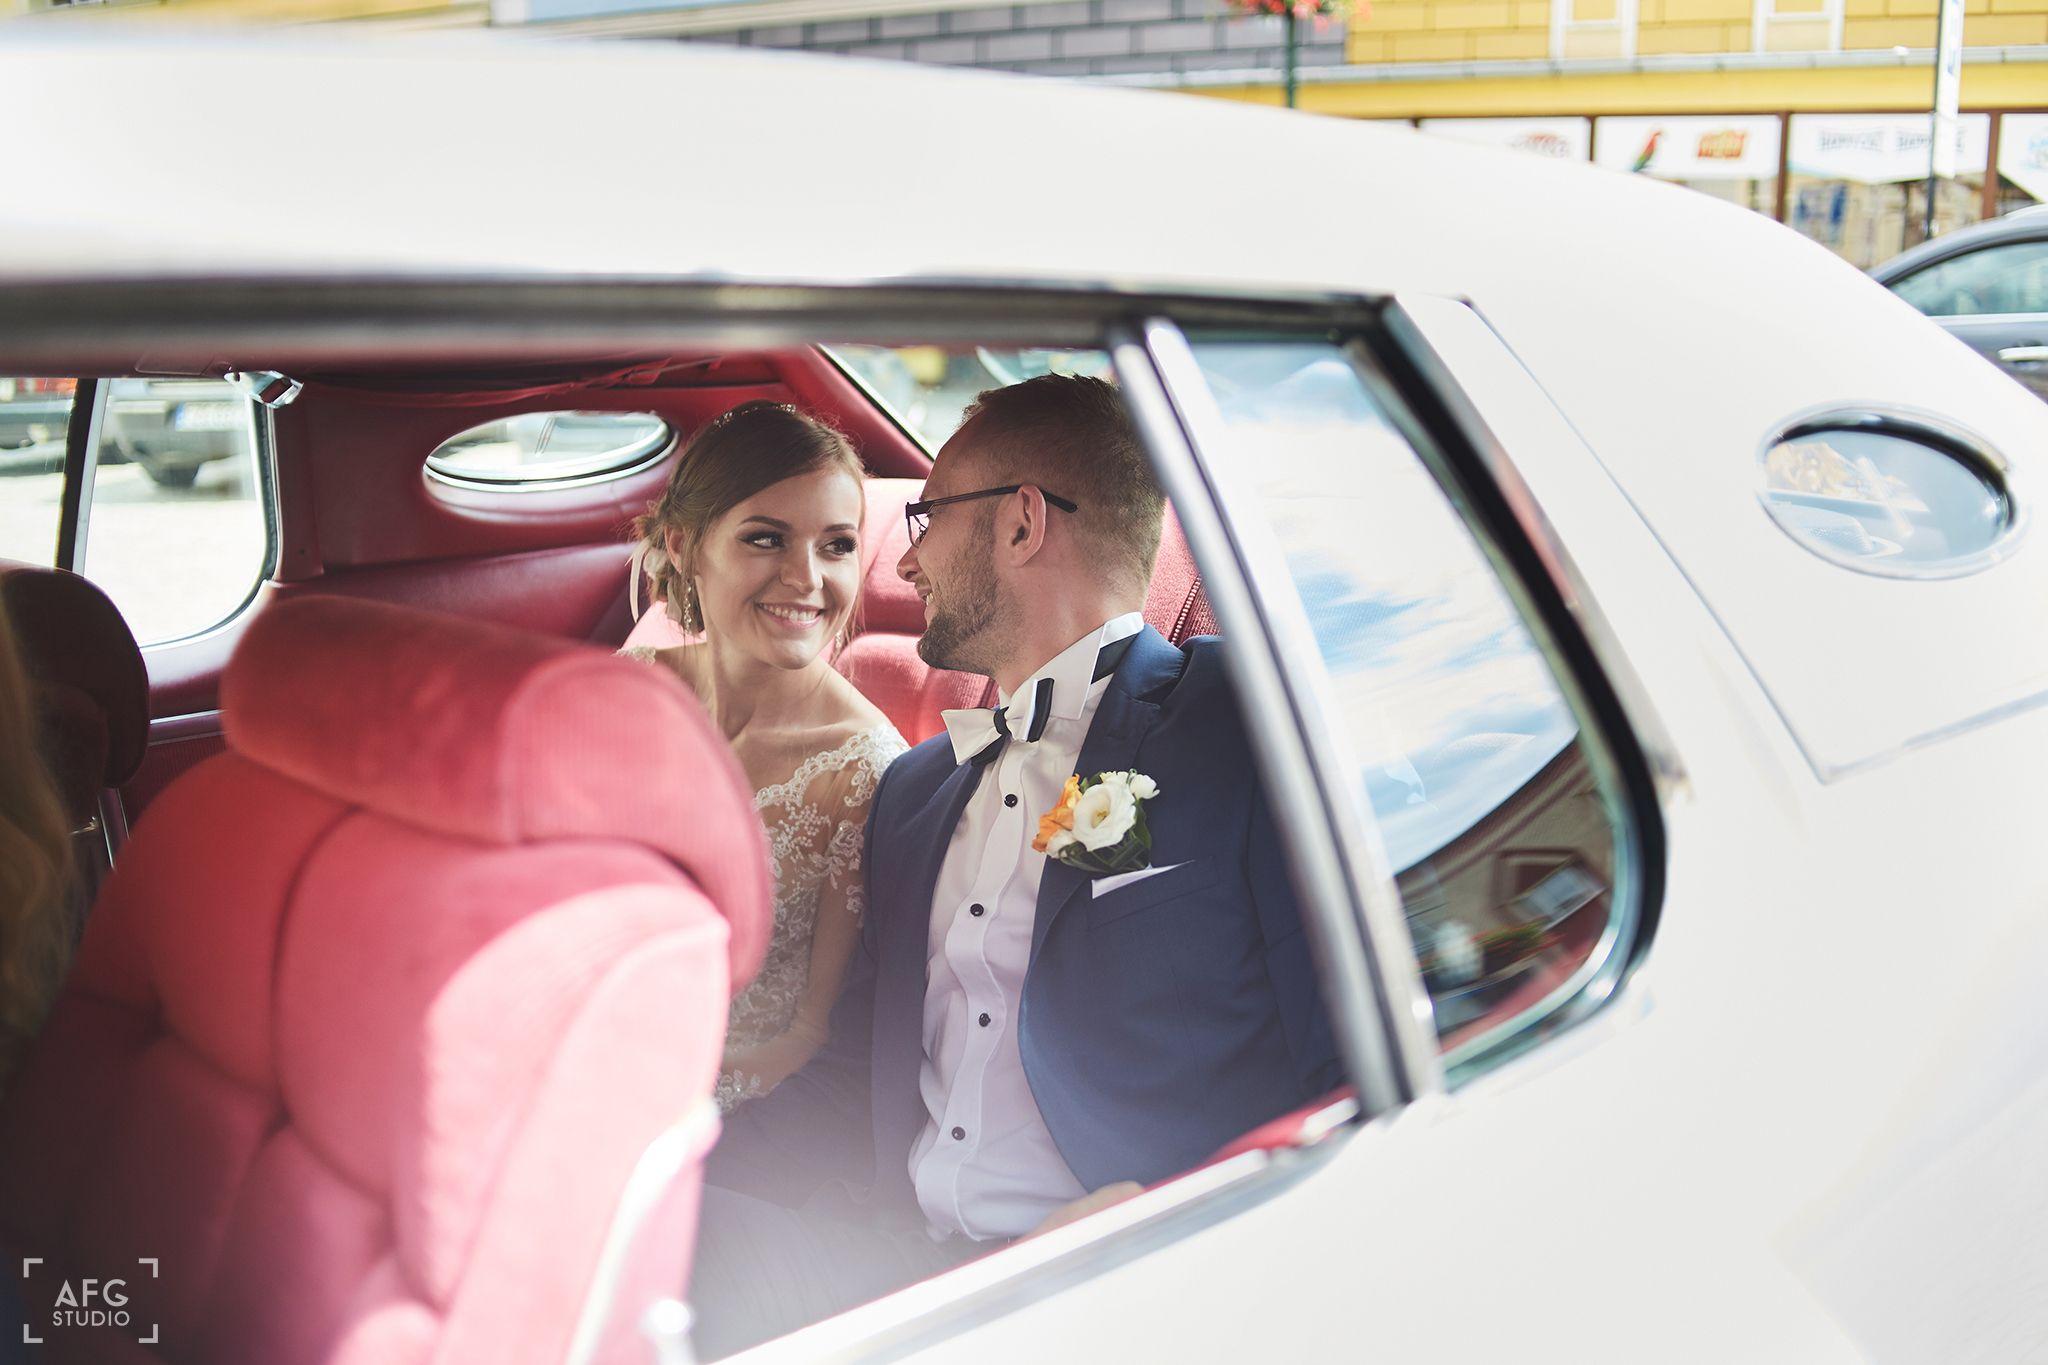 para młoda, samochód ślubny, uśmiech